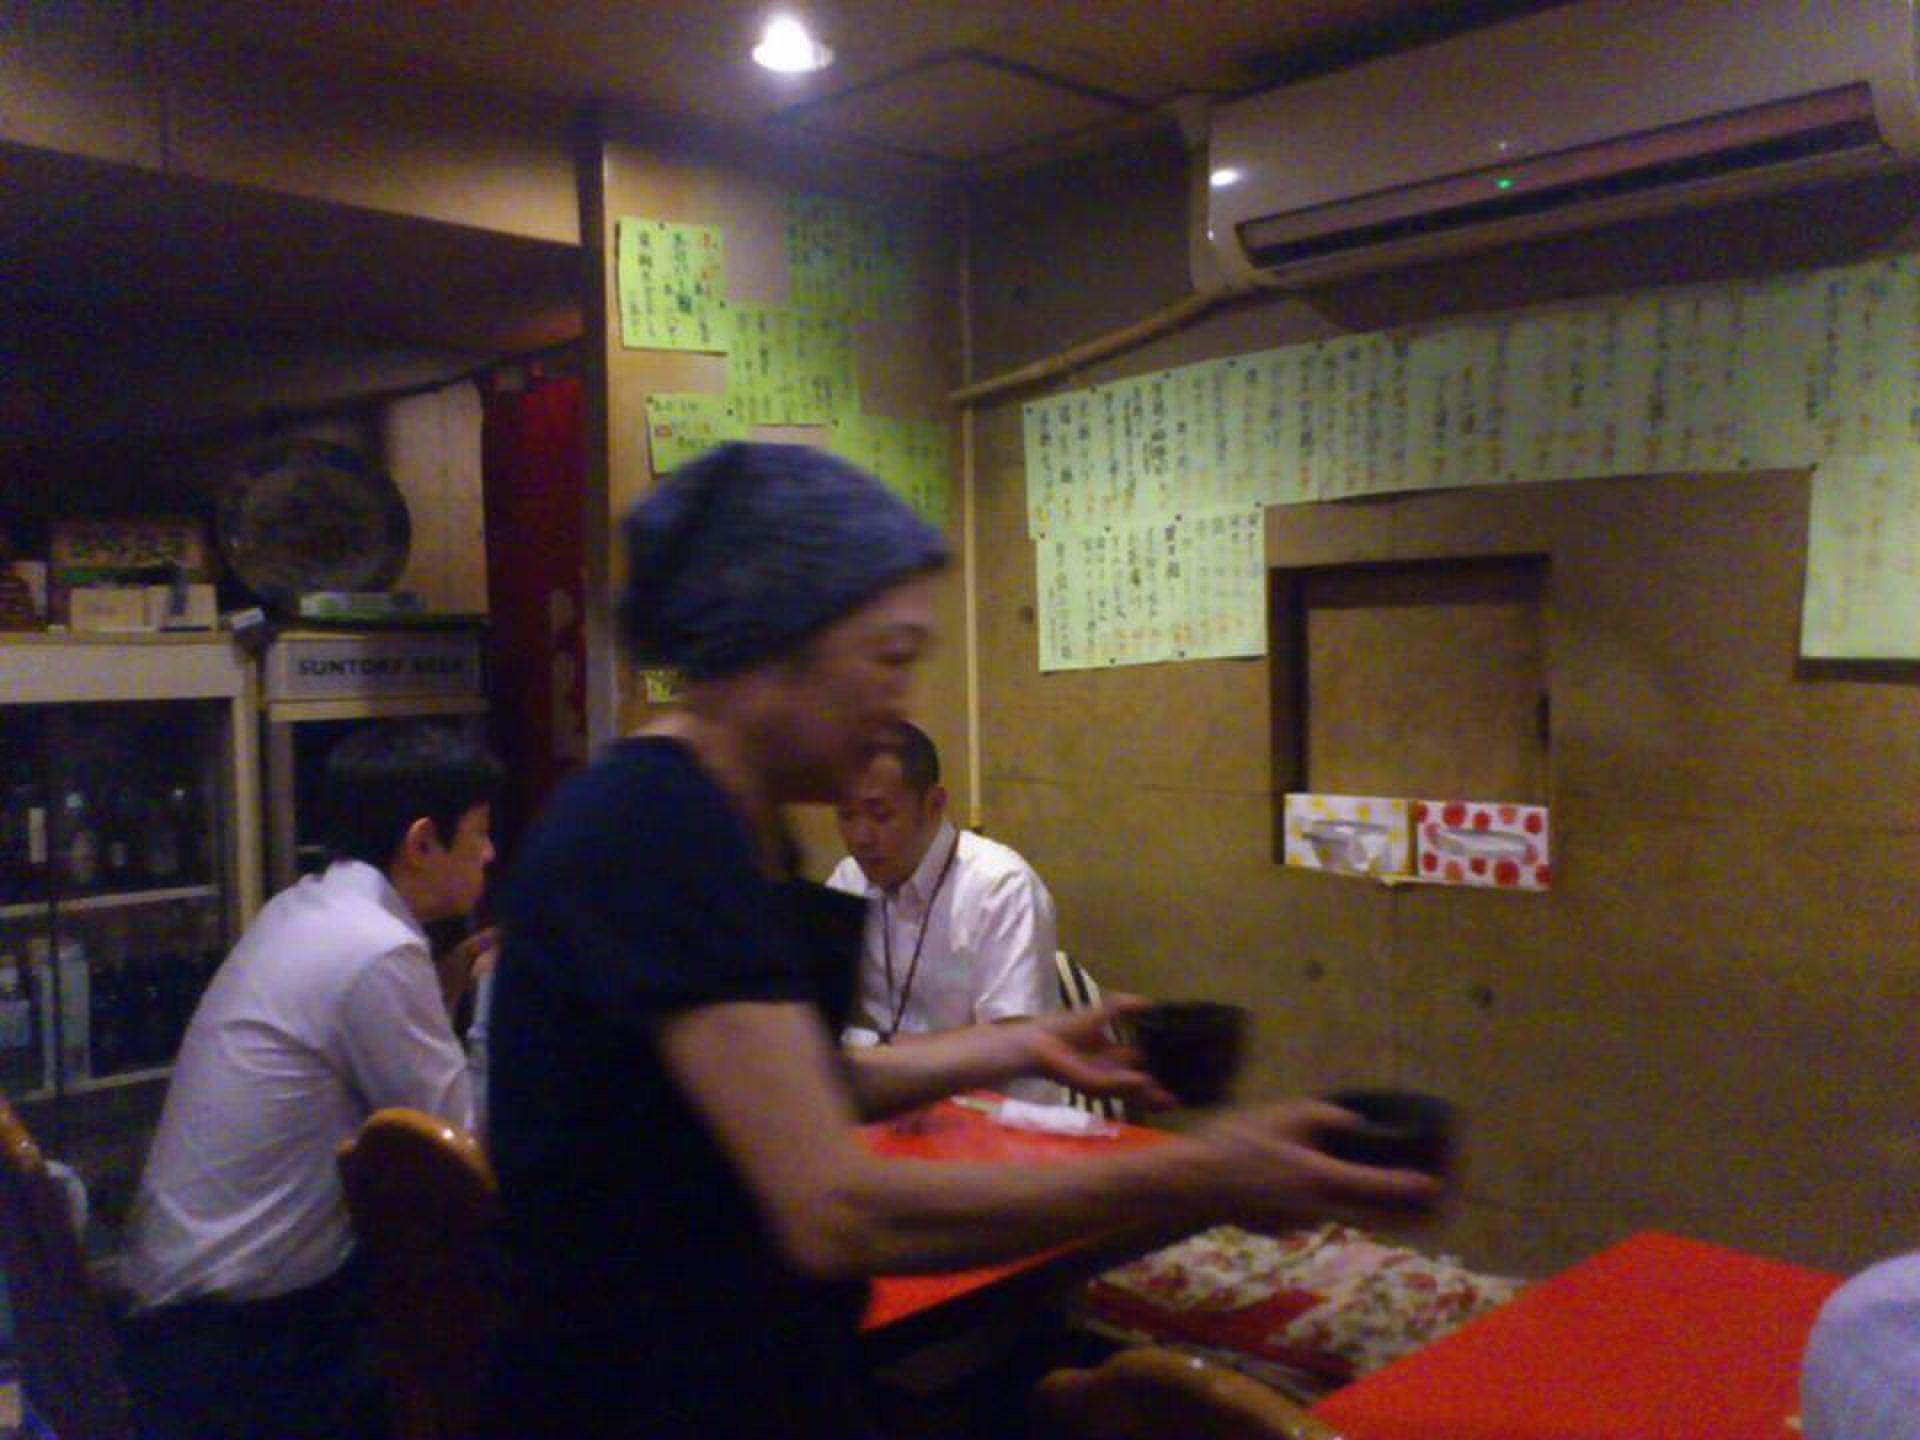 きたなシュラン!?西新宿のコスパ良し、味良し、おばちゃん良し、隠れ家な店でランチ